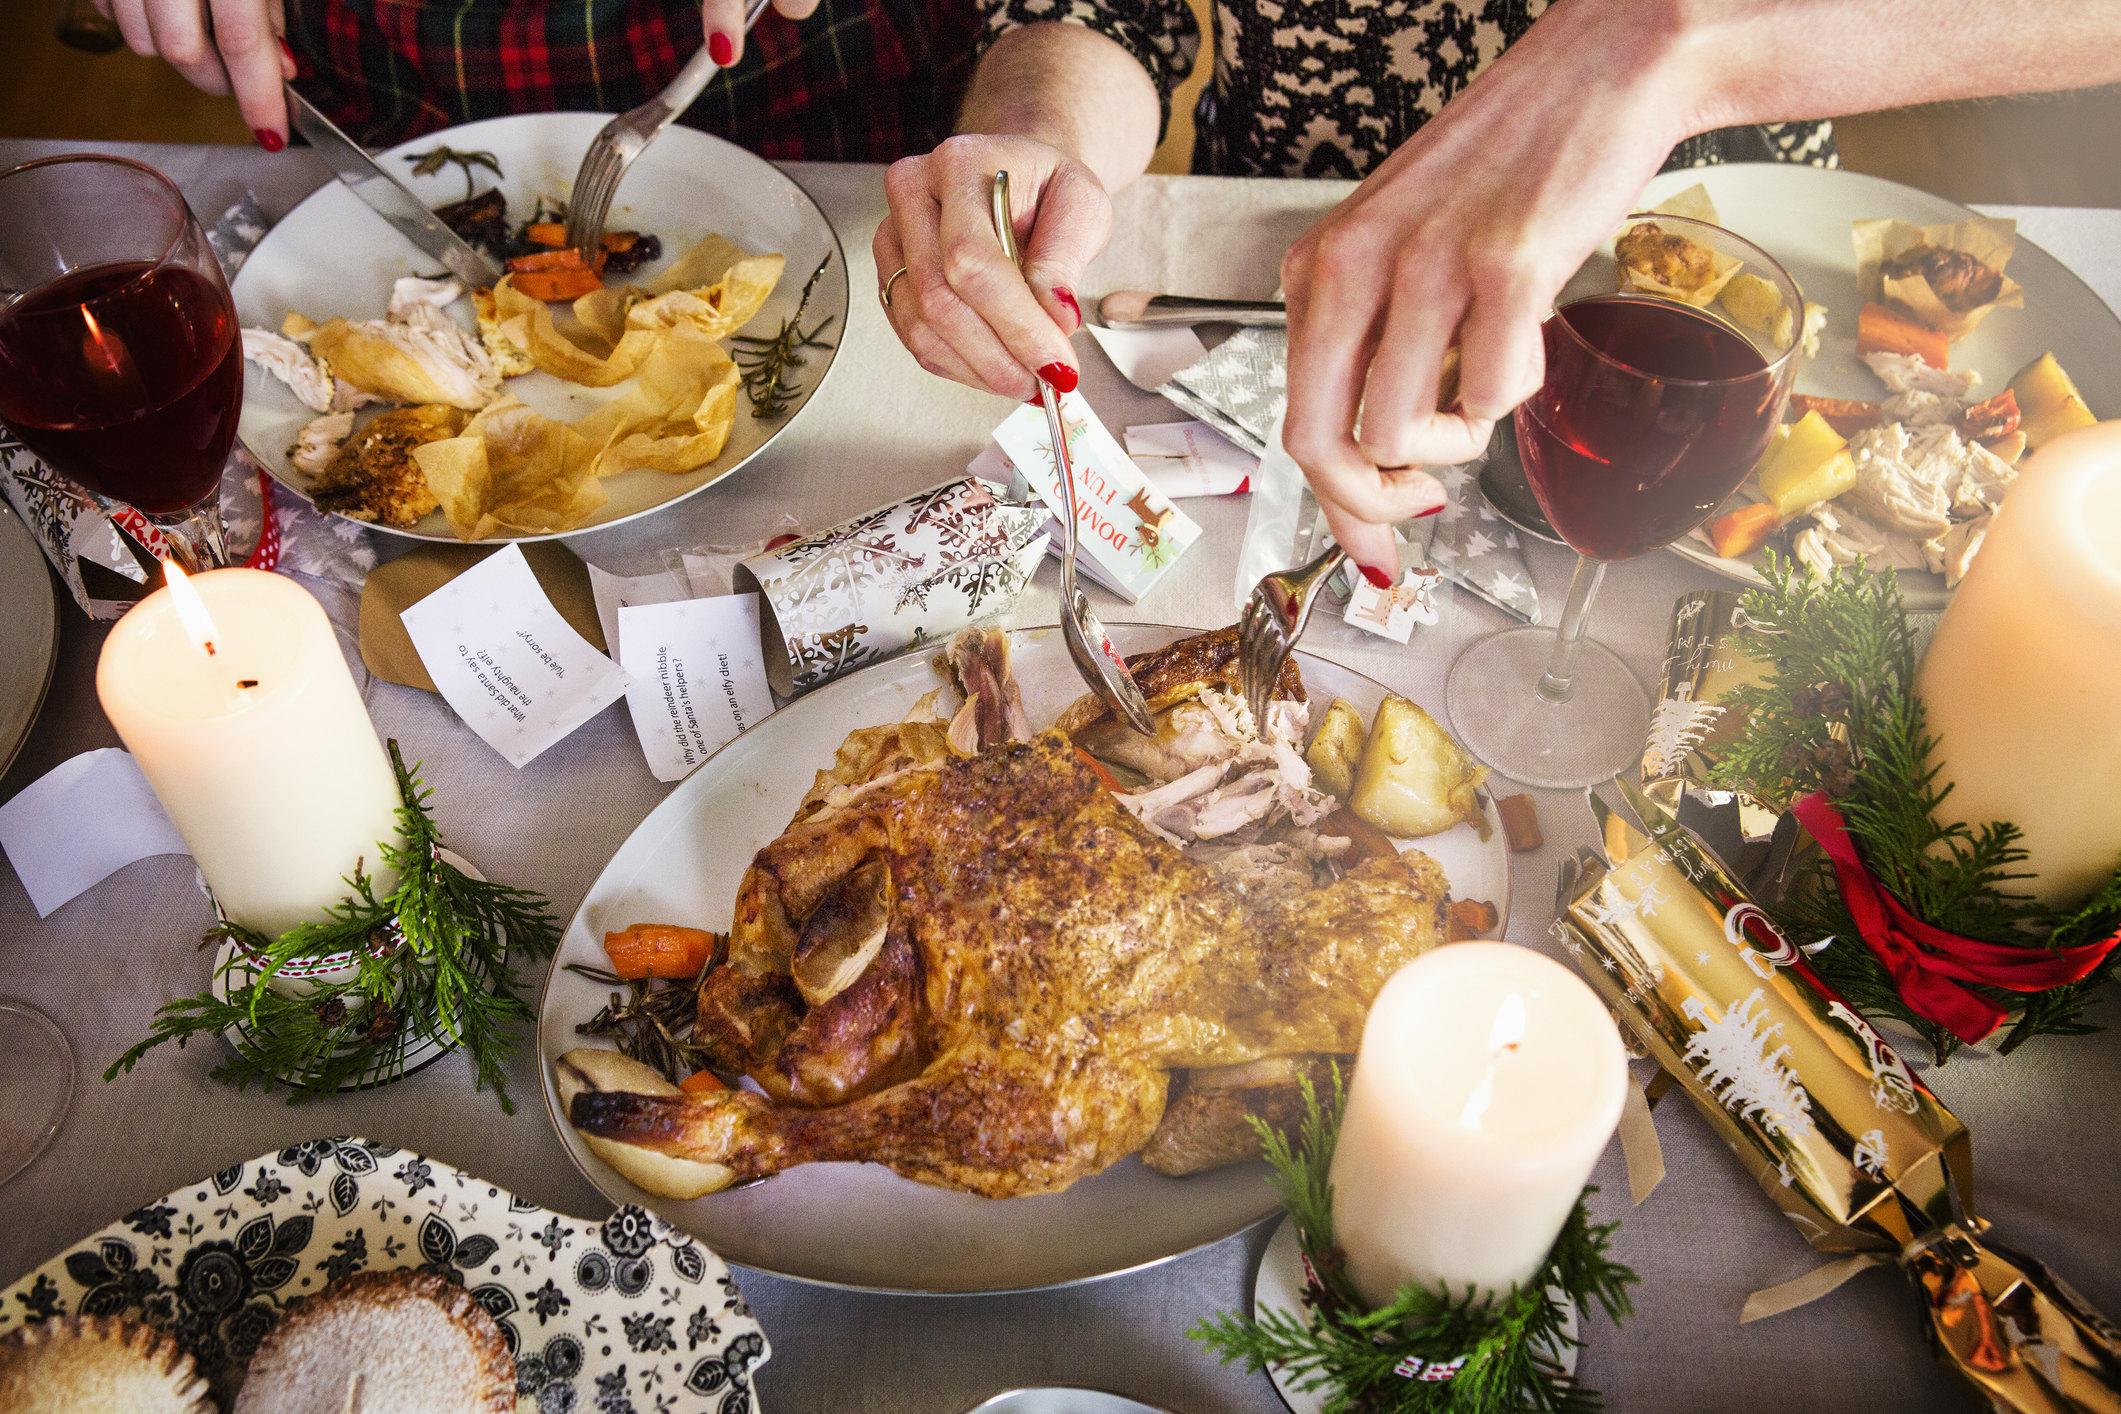 Как похудеть после новогодних праздников без вреда для здоровья: эффективные методы